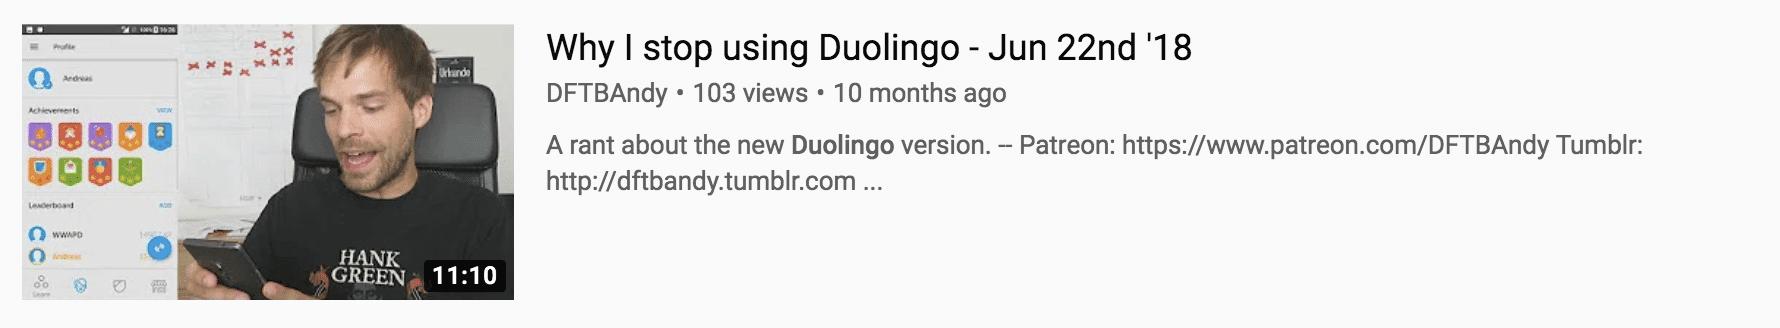 apps-like-duolingo